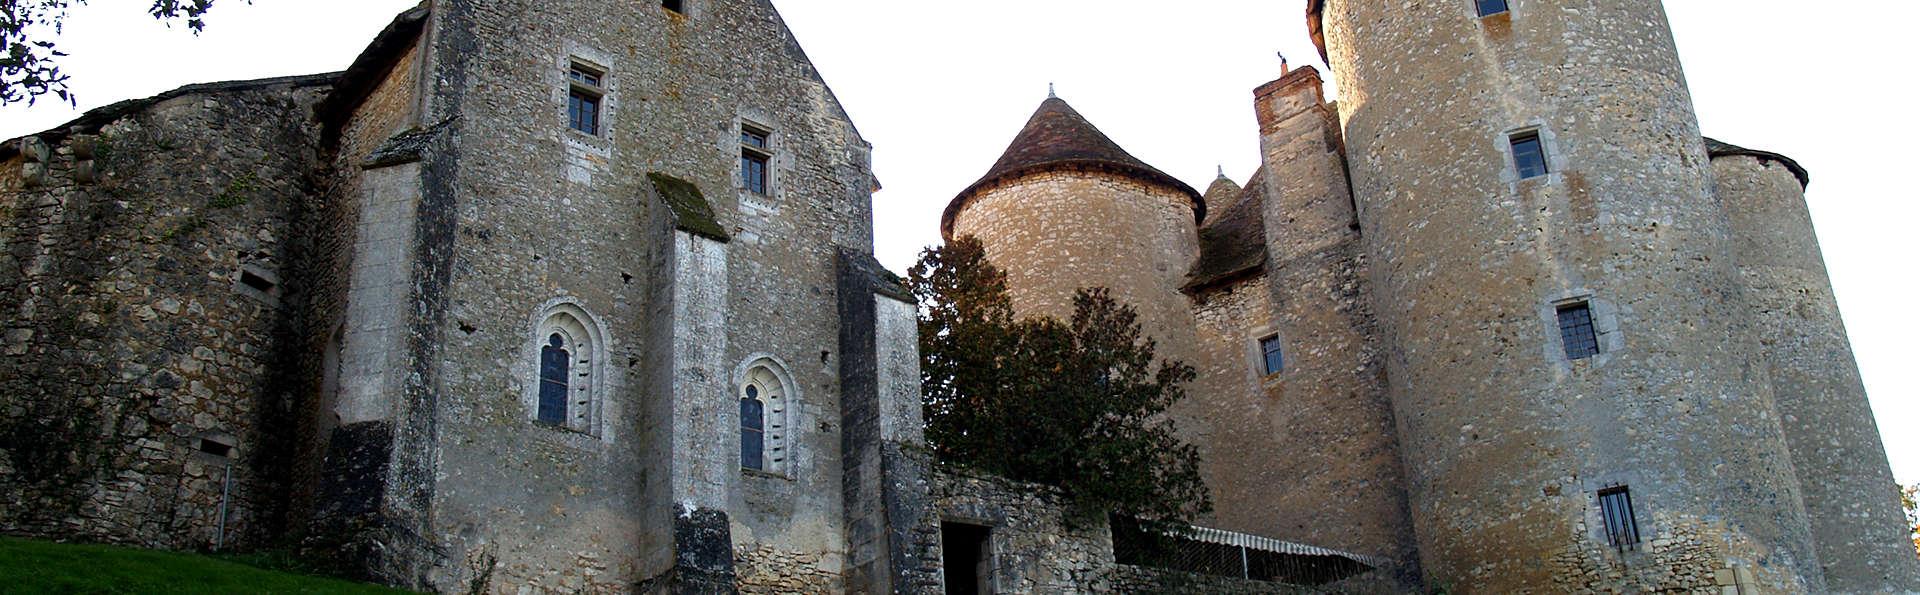 Château de Forges  - Edit_Front.jpg